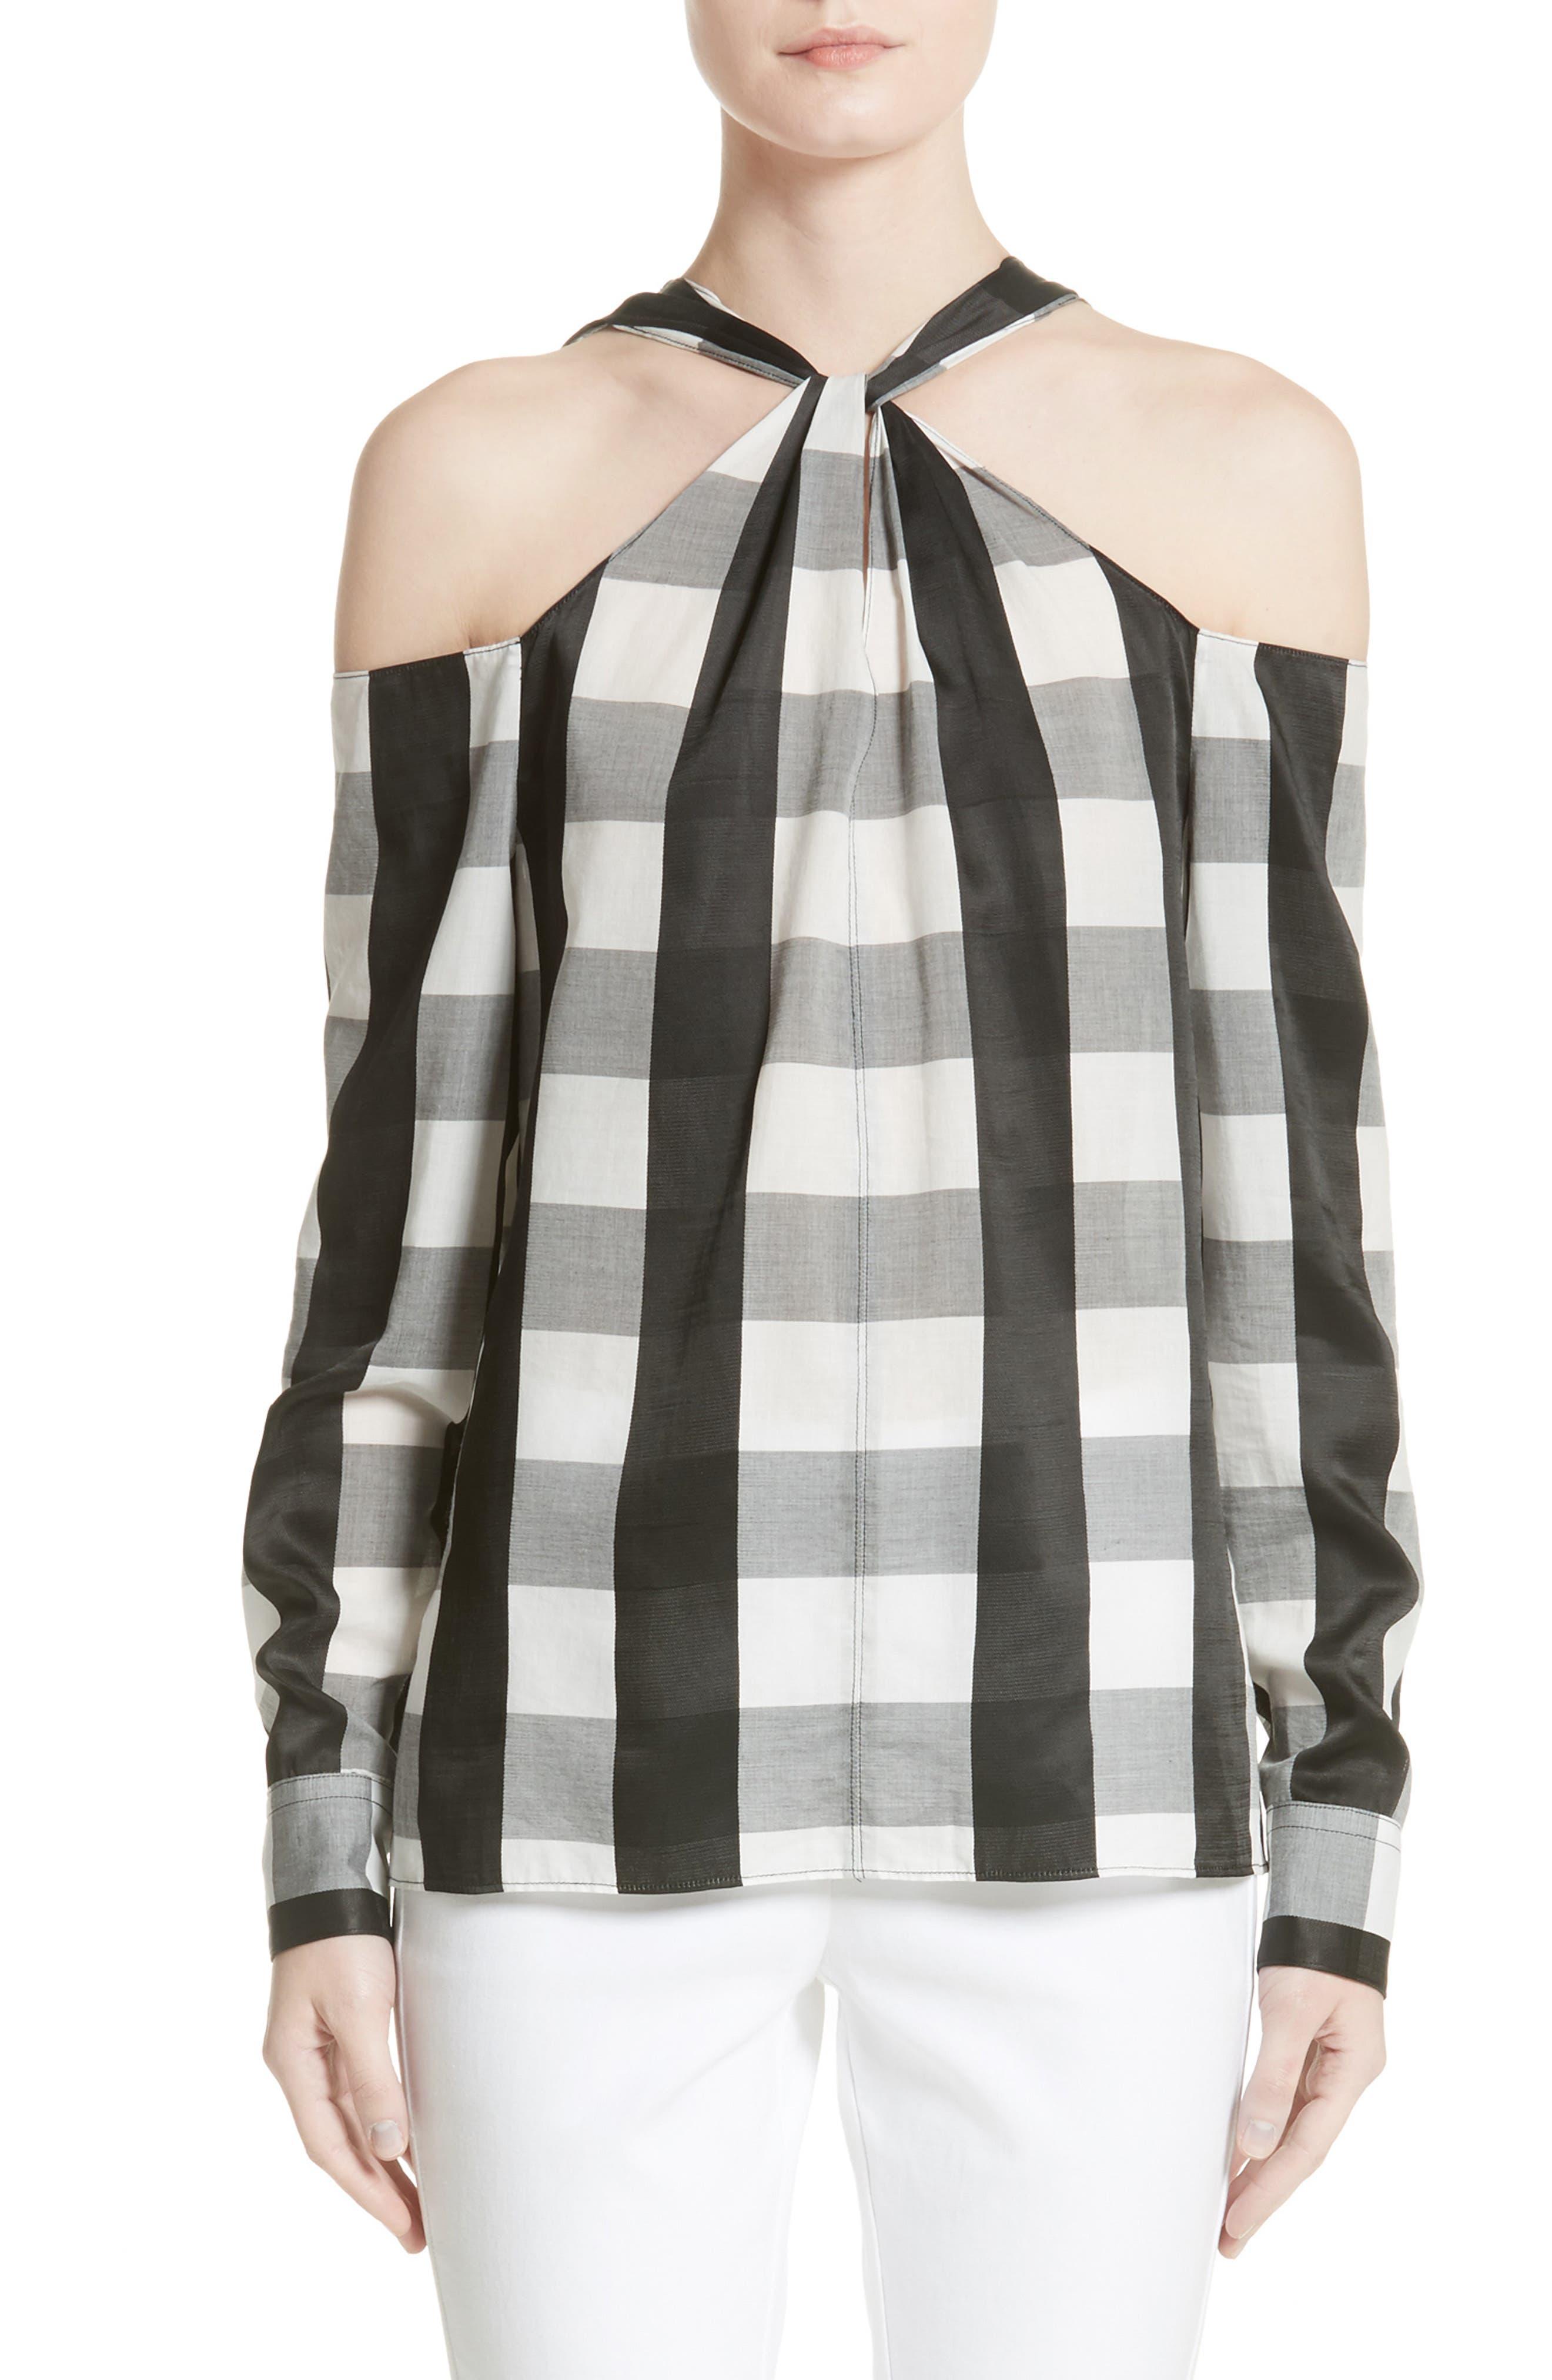 Alternate Image 1 Selected - rag & bone Collingwood Cold Shoulder Top